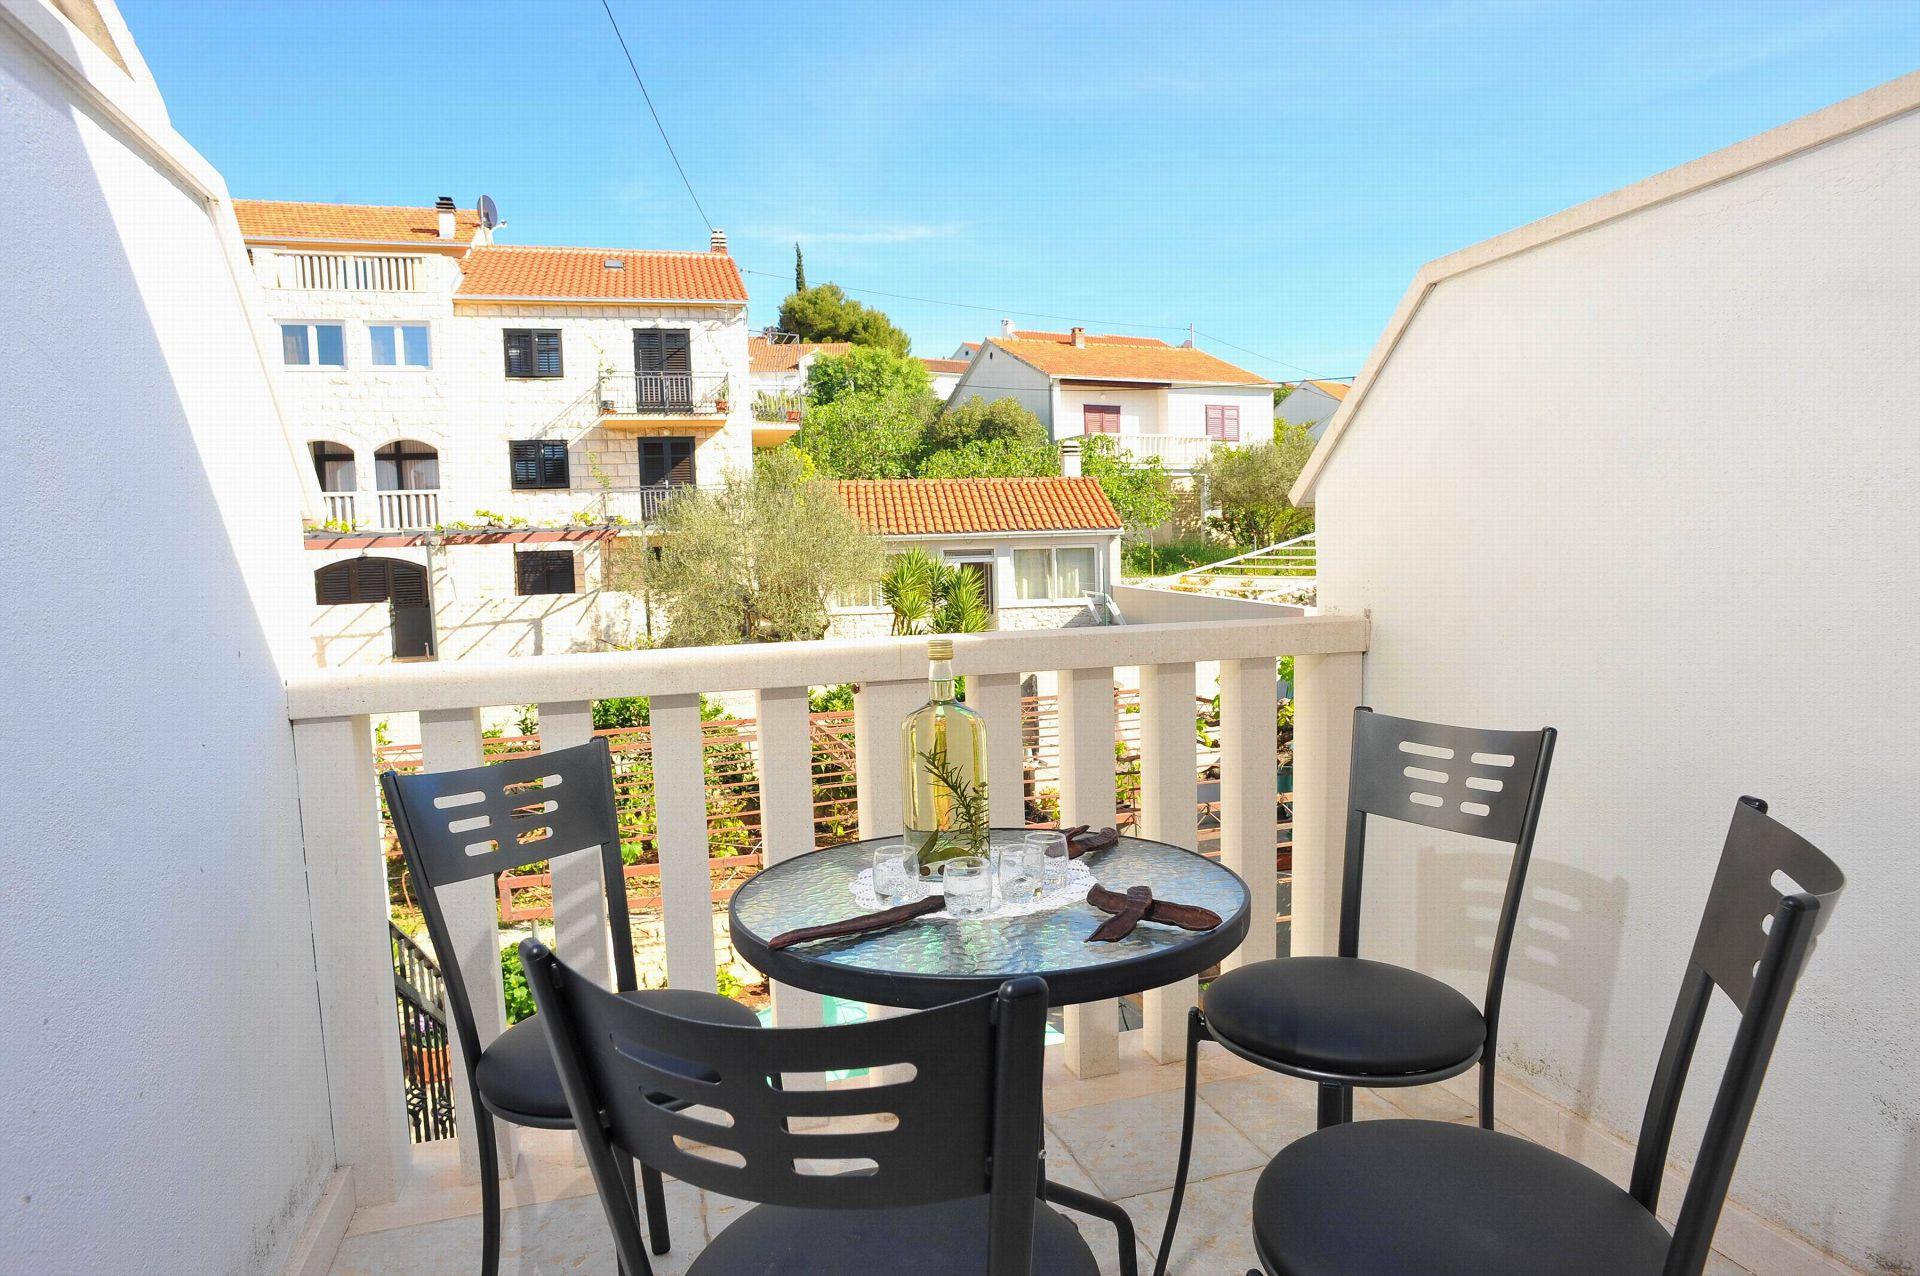 00901SUTI  - Sutivan - Appartements Croatie - A2(2+2): balcon